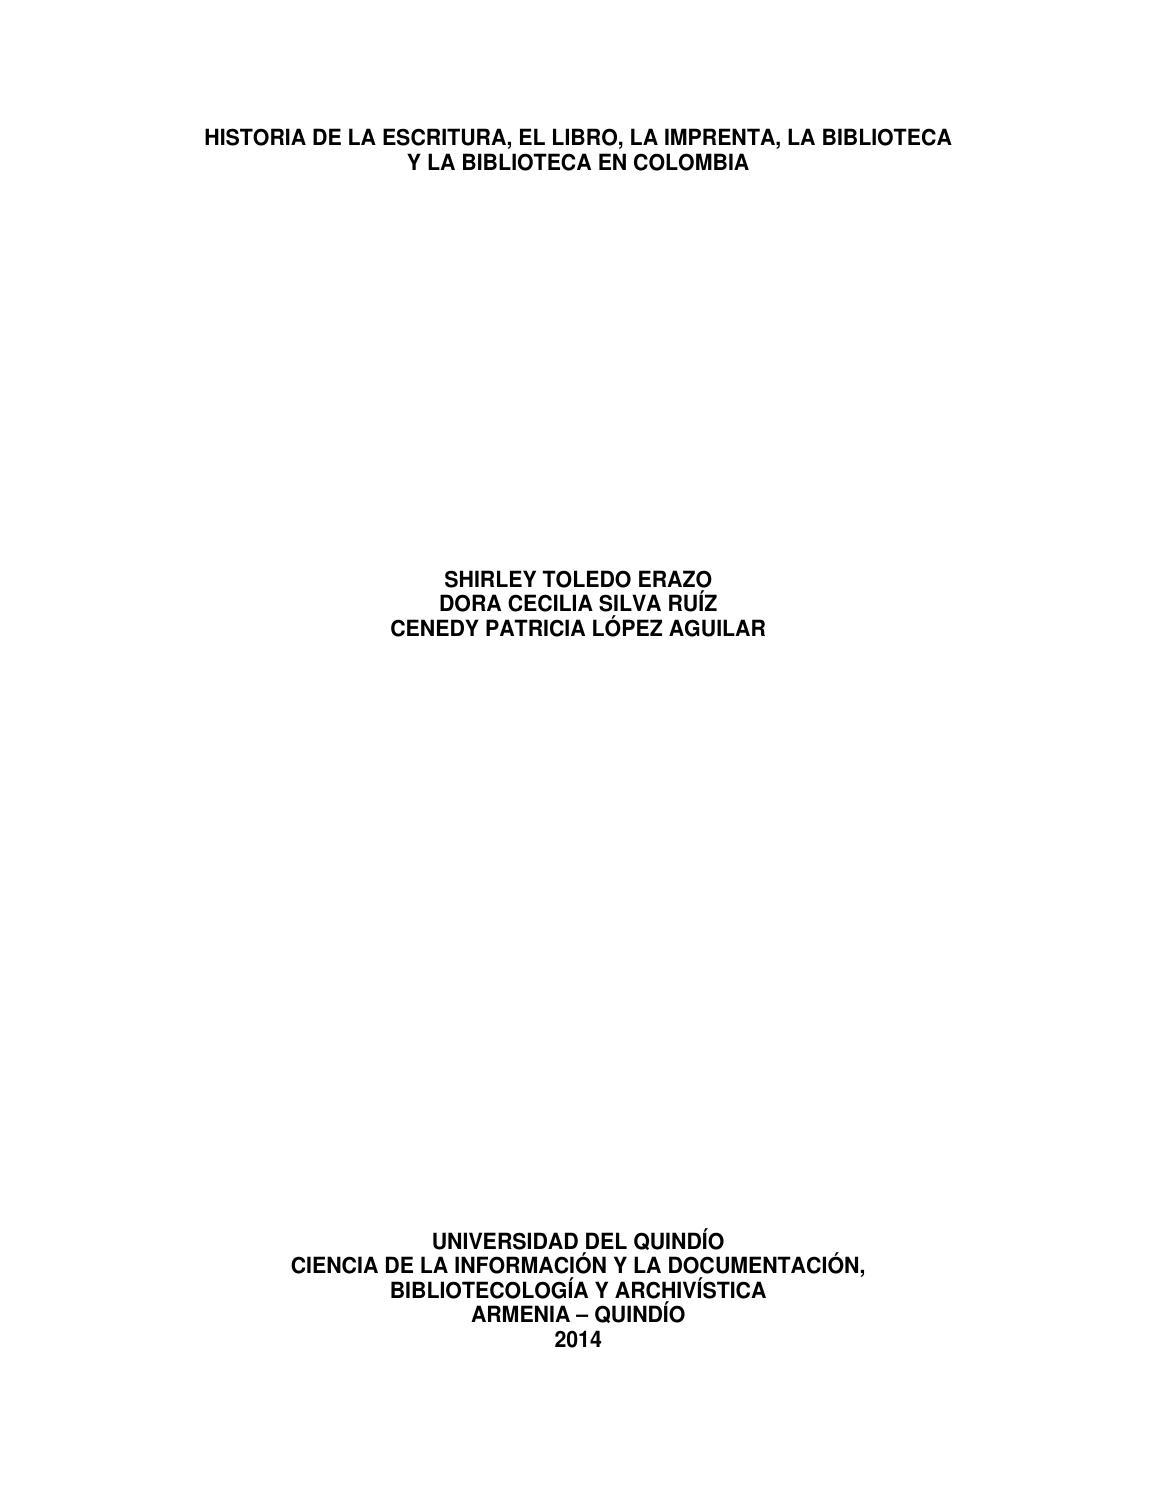 HISTORIA DE LA ESCRITURA, EL LIBRO, LA IMPRENTA, LA BIBLIOTECA by ...